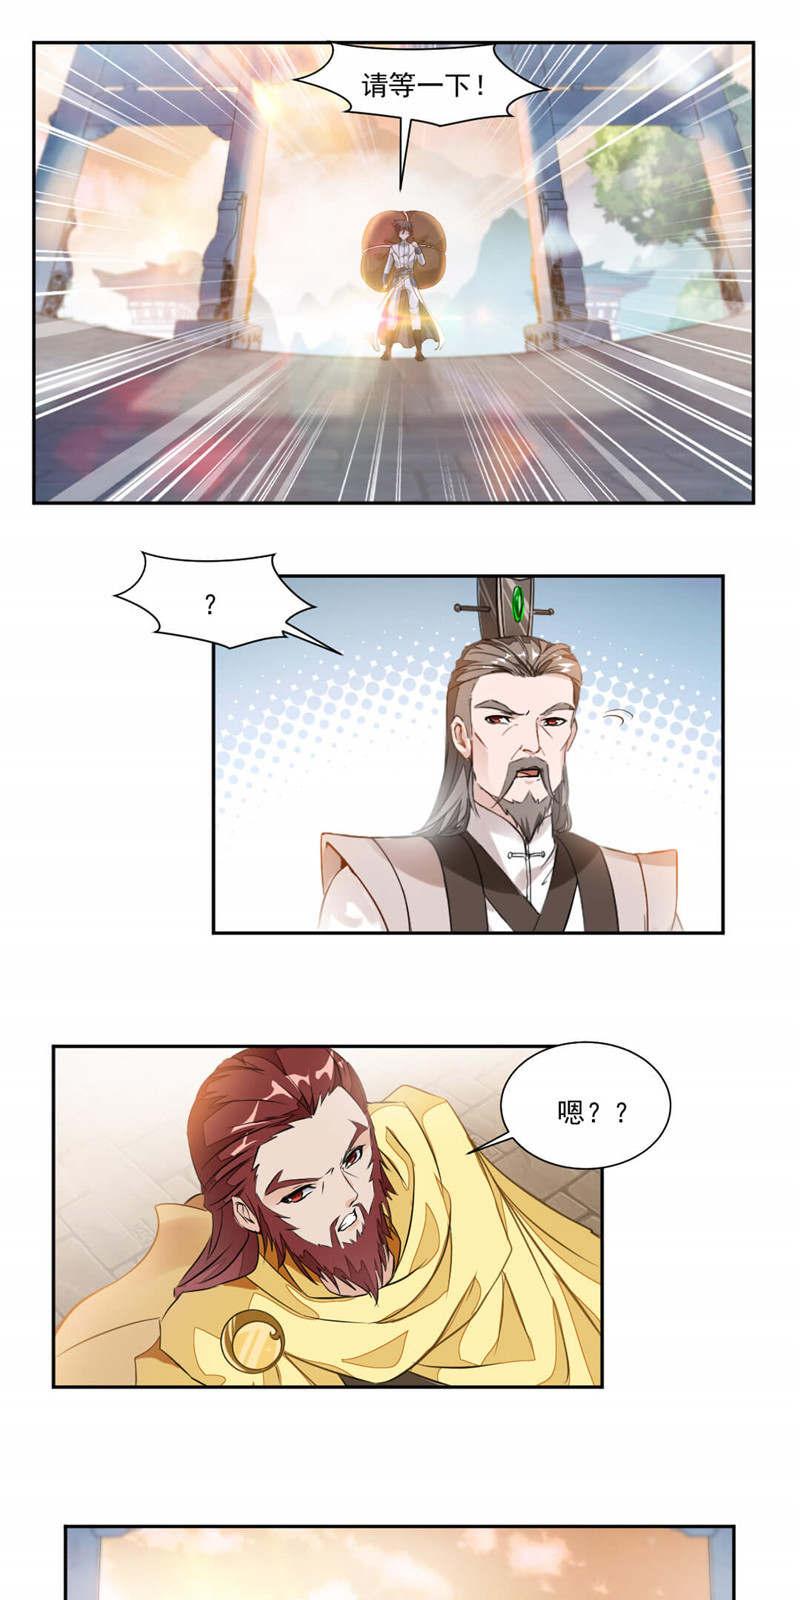 九阳神王第28话  秦云归来 第 10